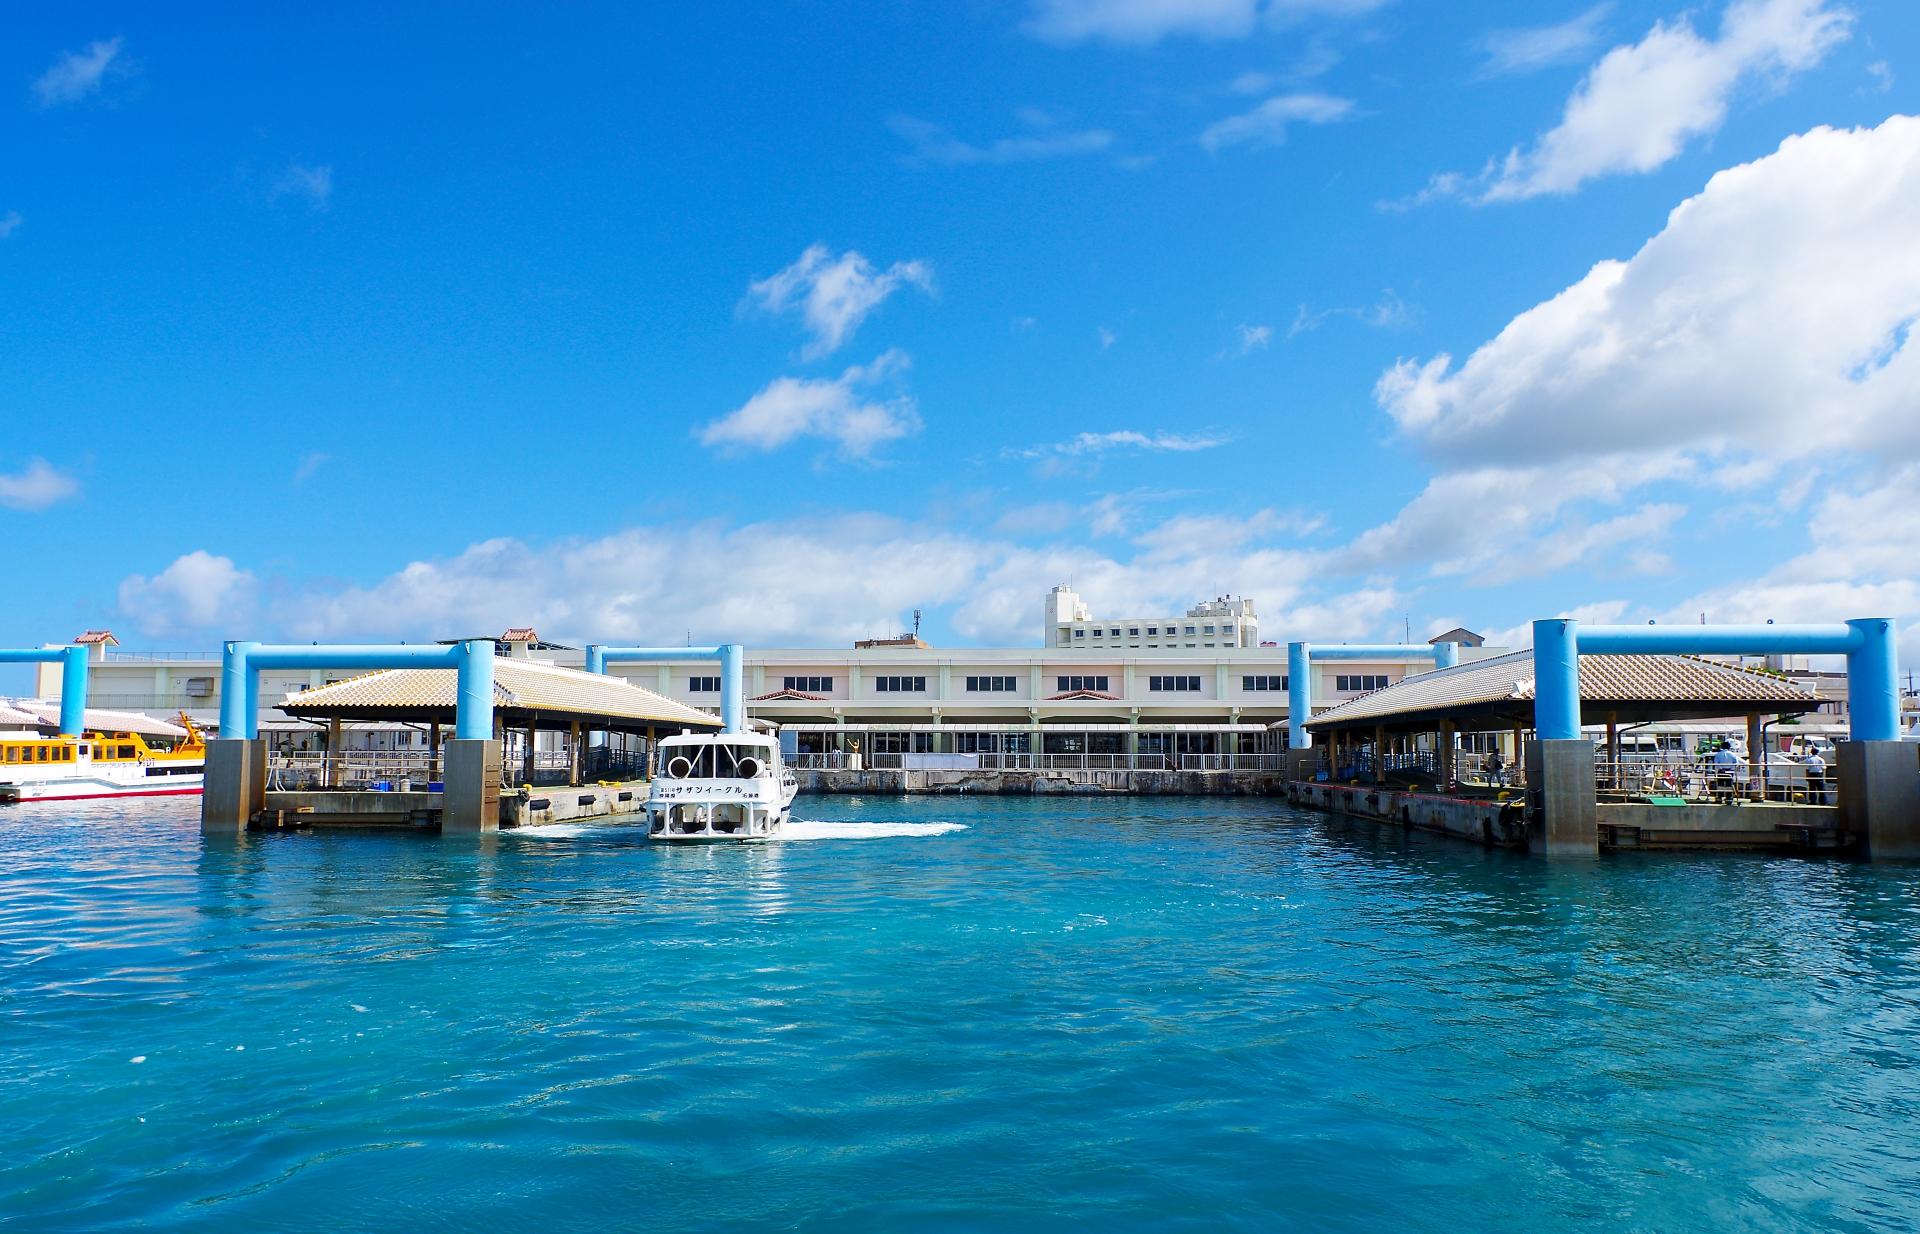 市街地にある石垣島港離島ターミナル